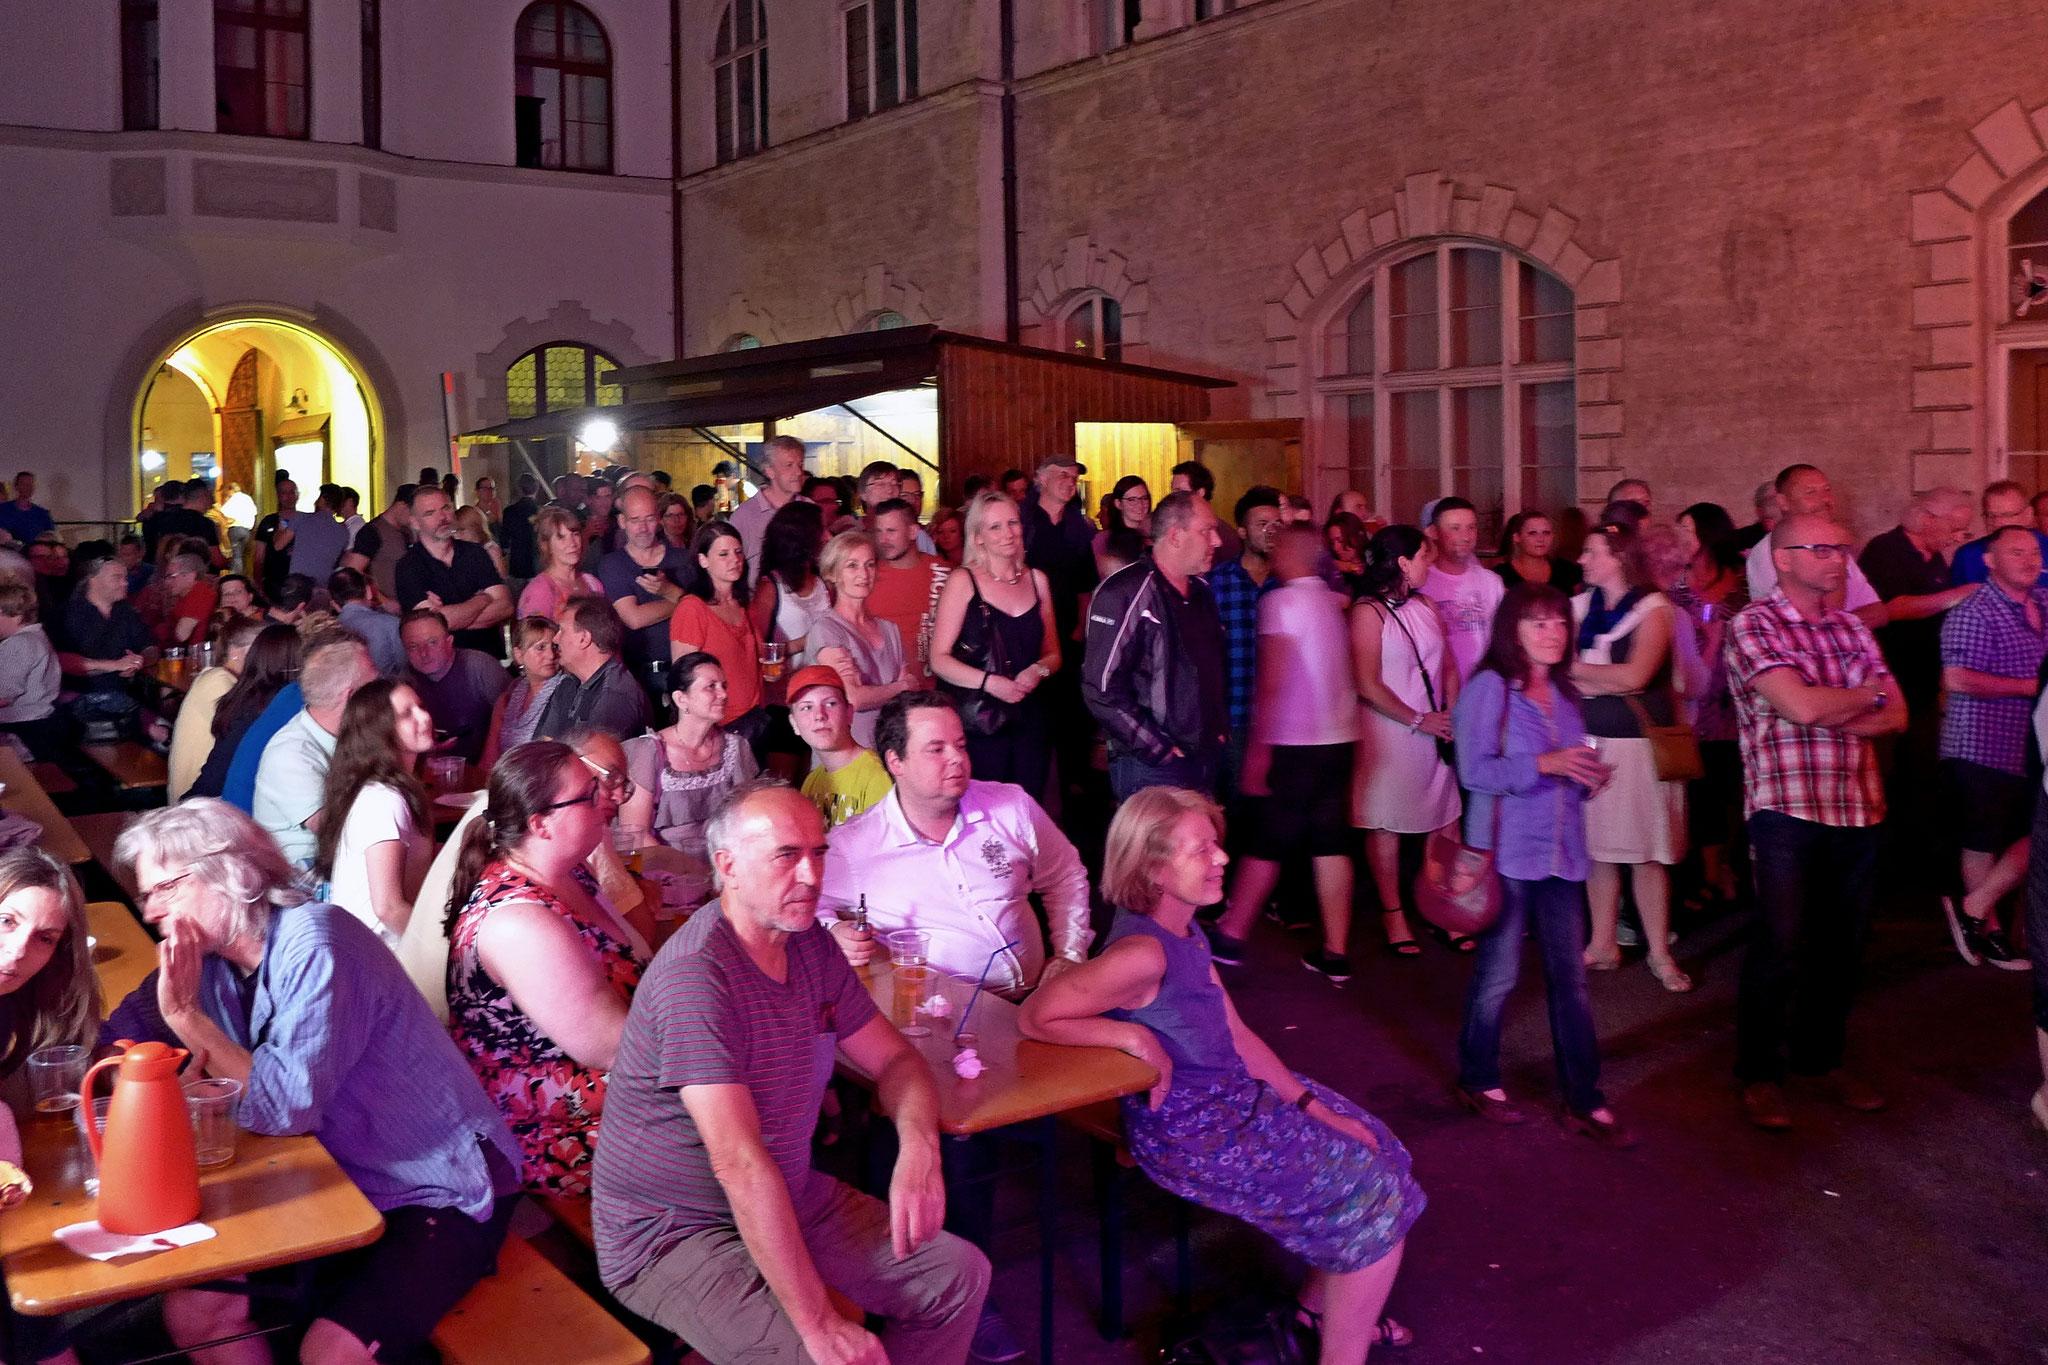 Konzerte im Bürgerhof 08.07.16 - Freiwilligen-Zentrum Augsburg - Foto: Christoph Urban